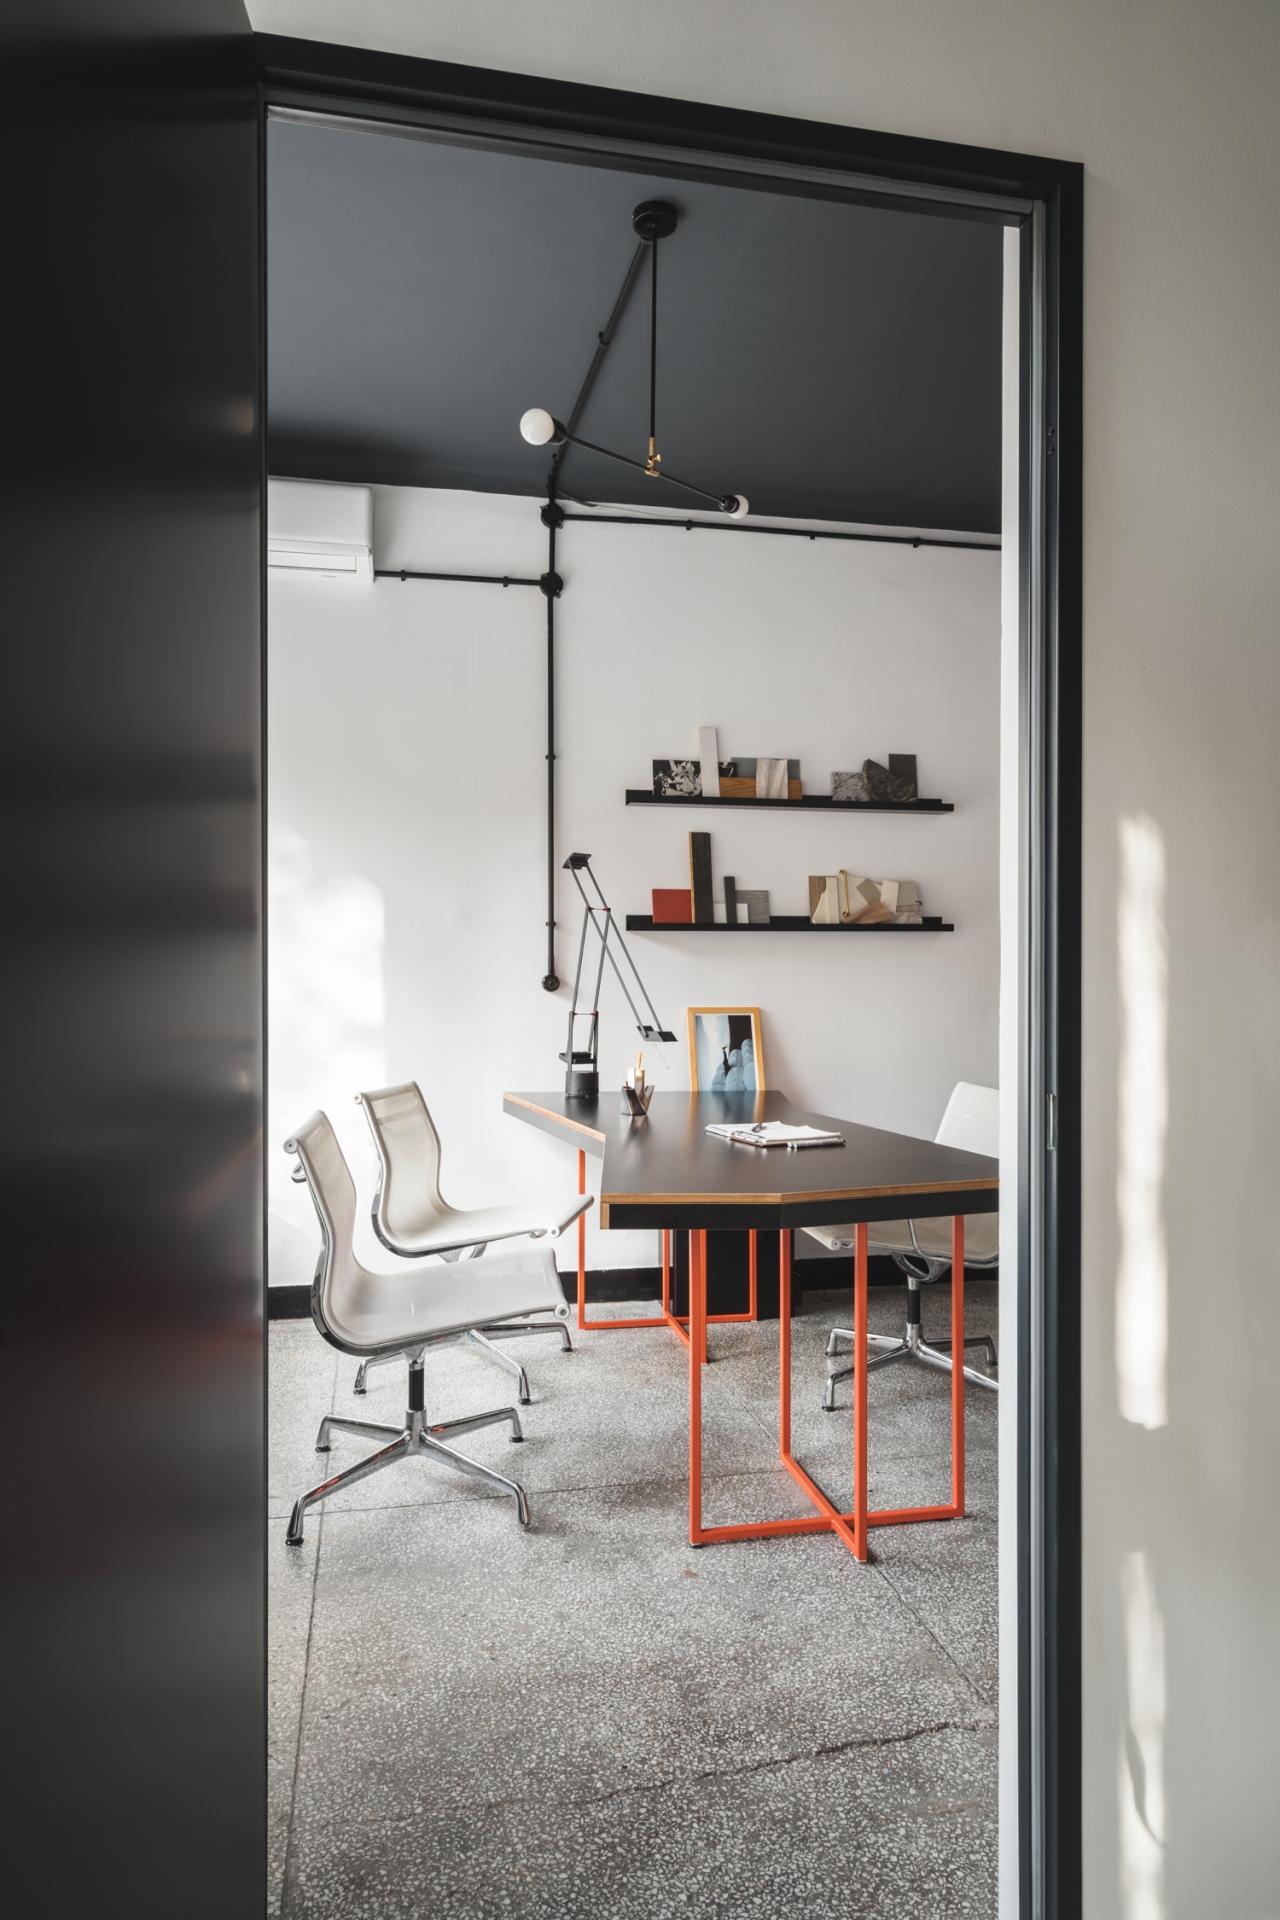 Intterno-concept-store-designalive-1